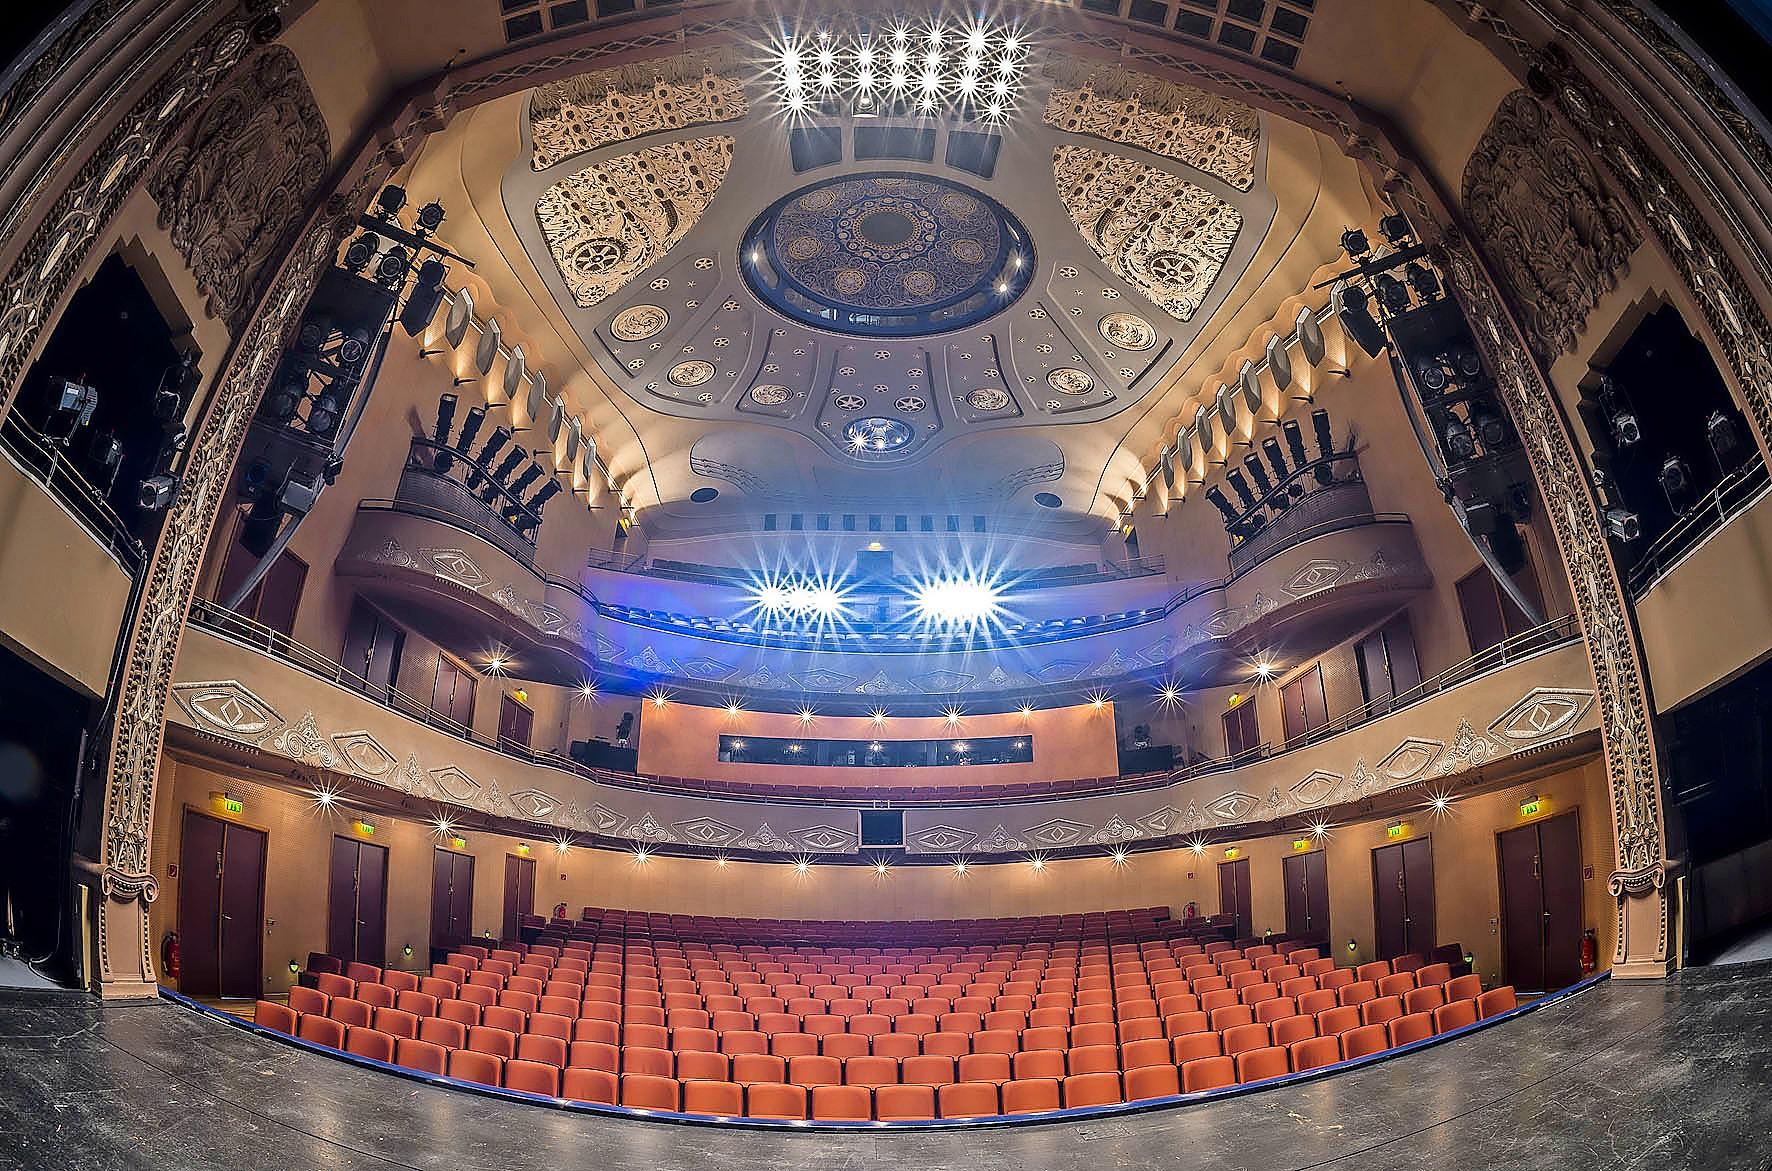 Die schleswig-holsteinischen Theater haben entschieden, den Vorstellungsbetrieb bis einschließlich 31. März einzustellen.